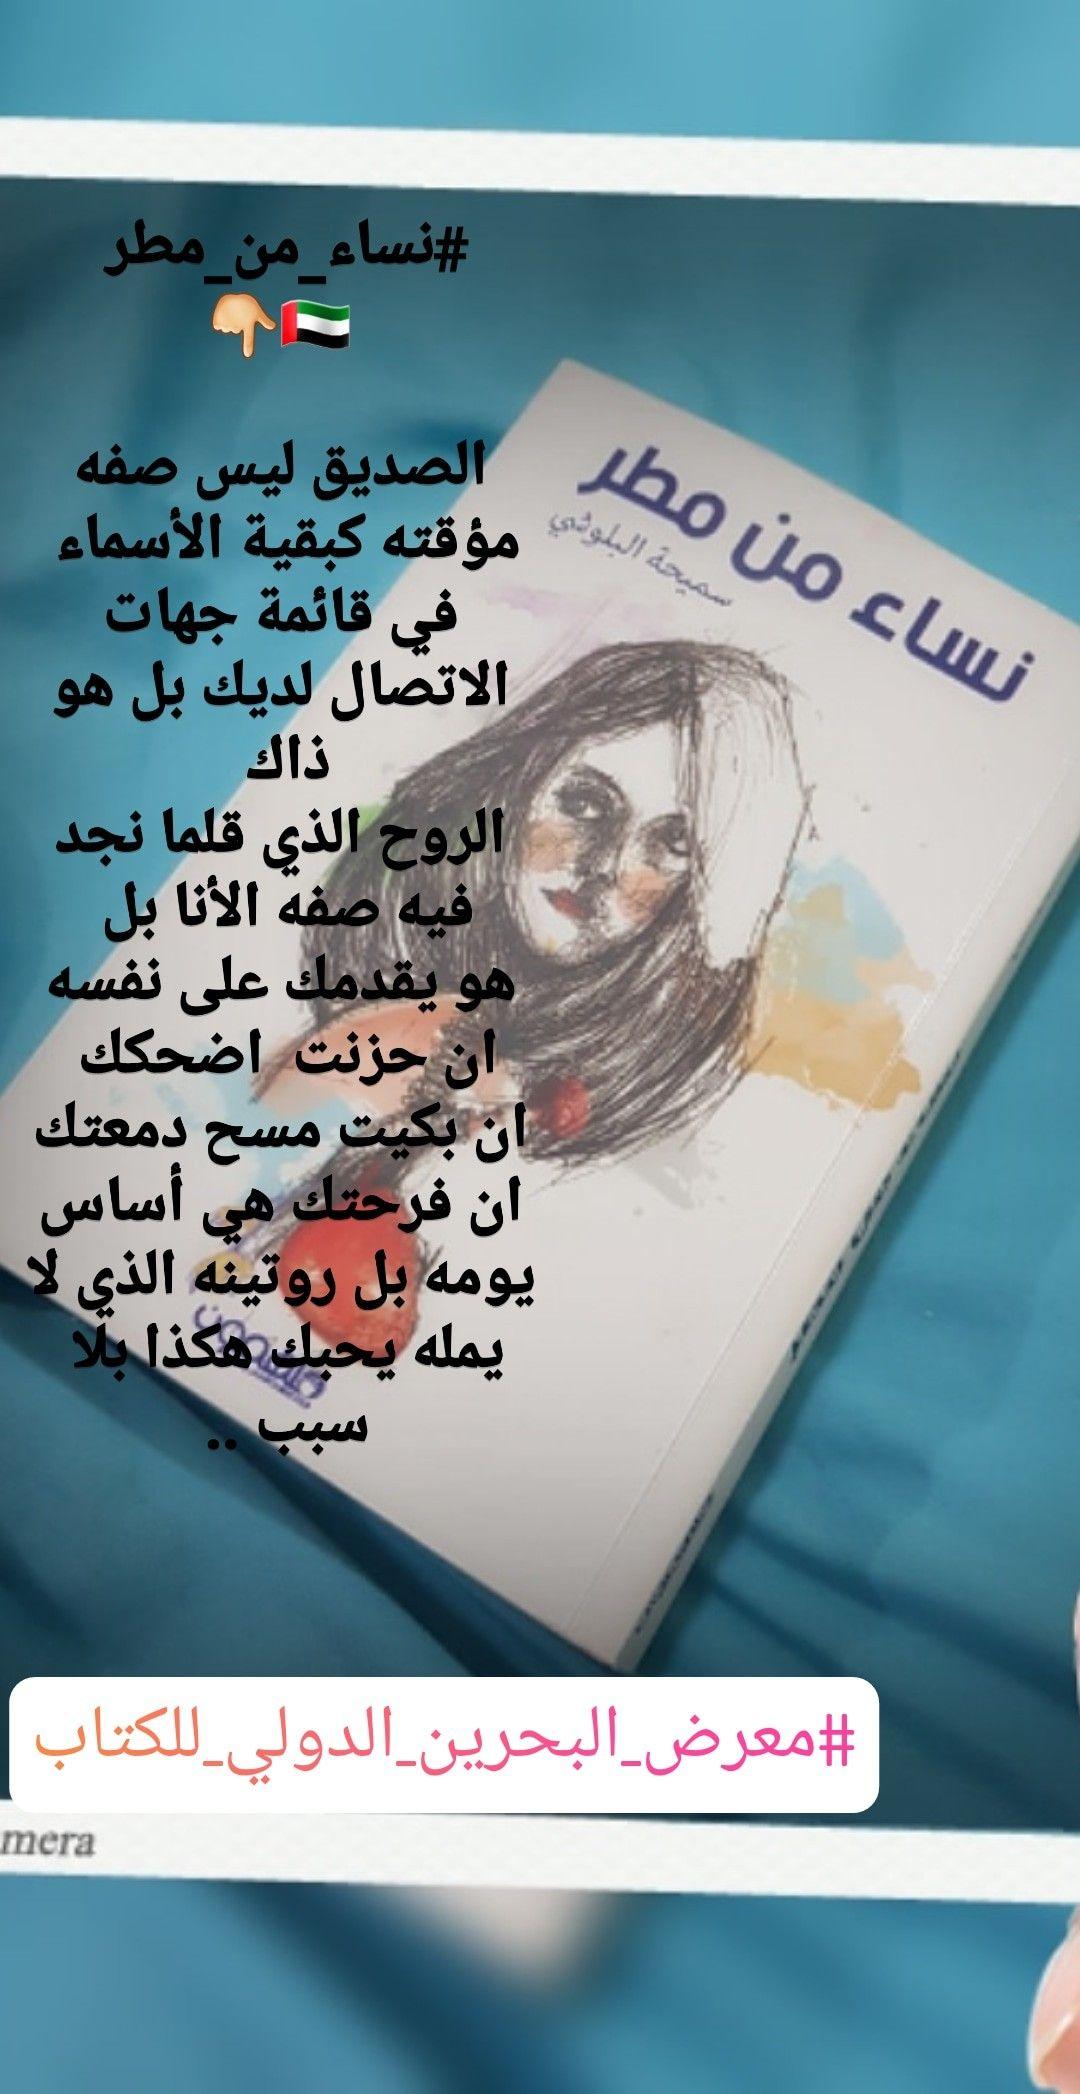 قصص روايات صديقتي احبك معرض البحرين الدولي للكتاب نساء من مطر نساء بنات حب صداقه إحساس كتب Reading Girl Words Book Lovers Books Book Cover